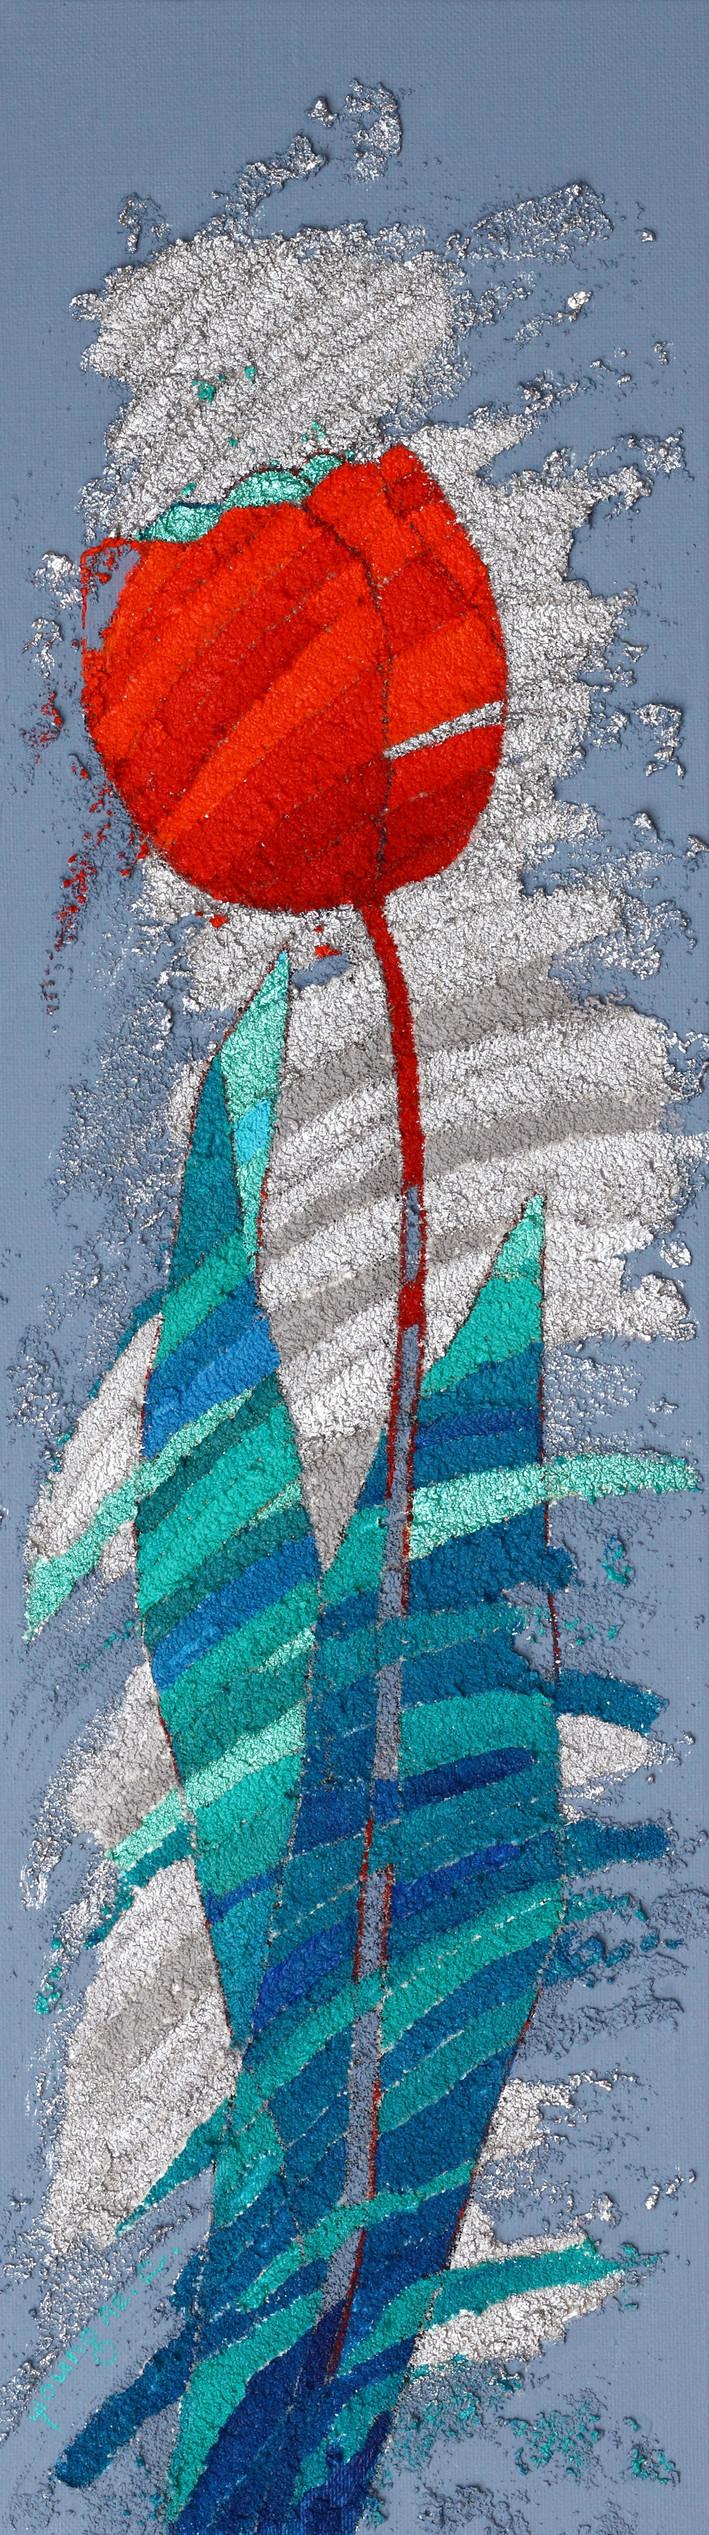 이영애_고맙다. 봄.  18.0 × 62.5 ㎝  Mixed media on canvas.